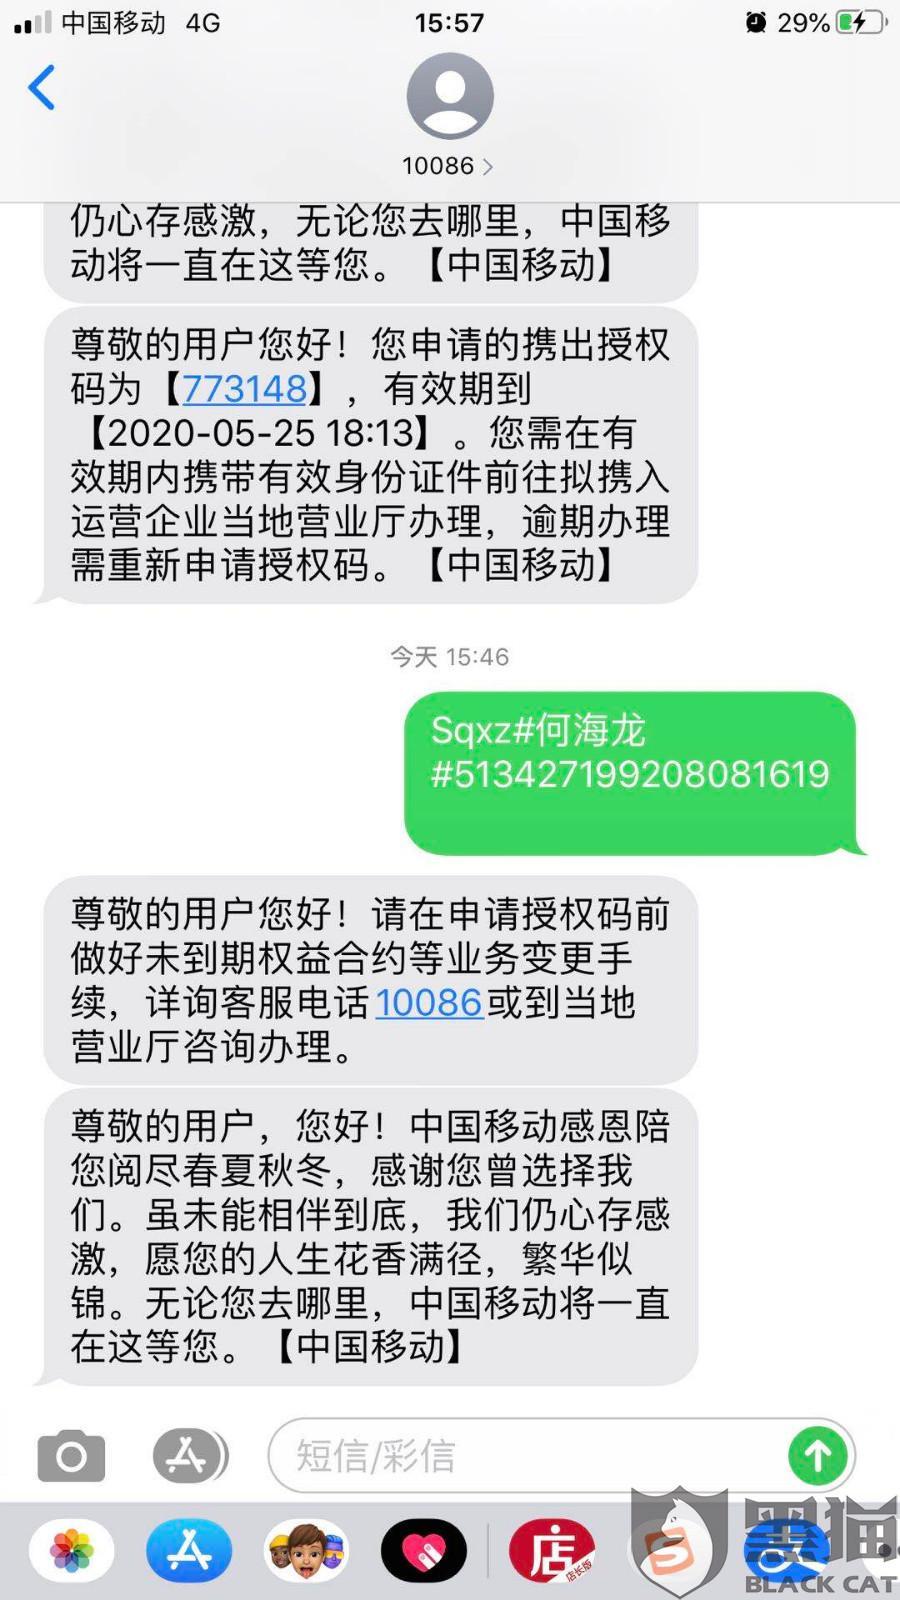 黑猫投诉:中国移动在我成功收取授权码后,新增限制,恶意阻挠我携号转网!!!